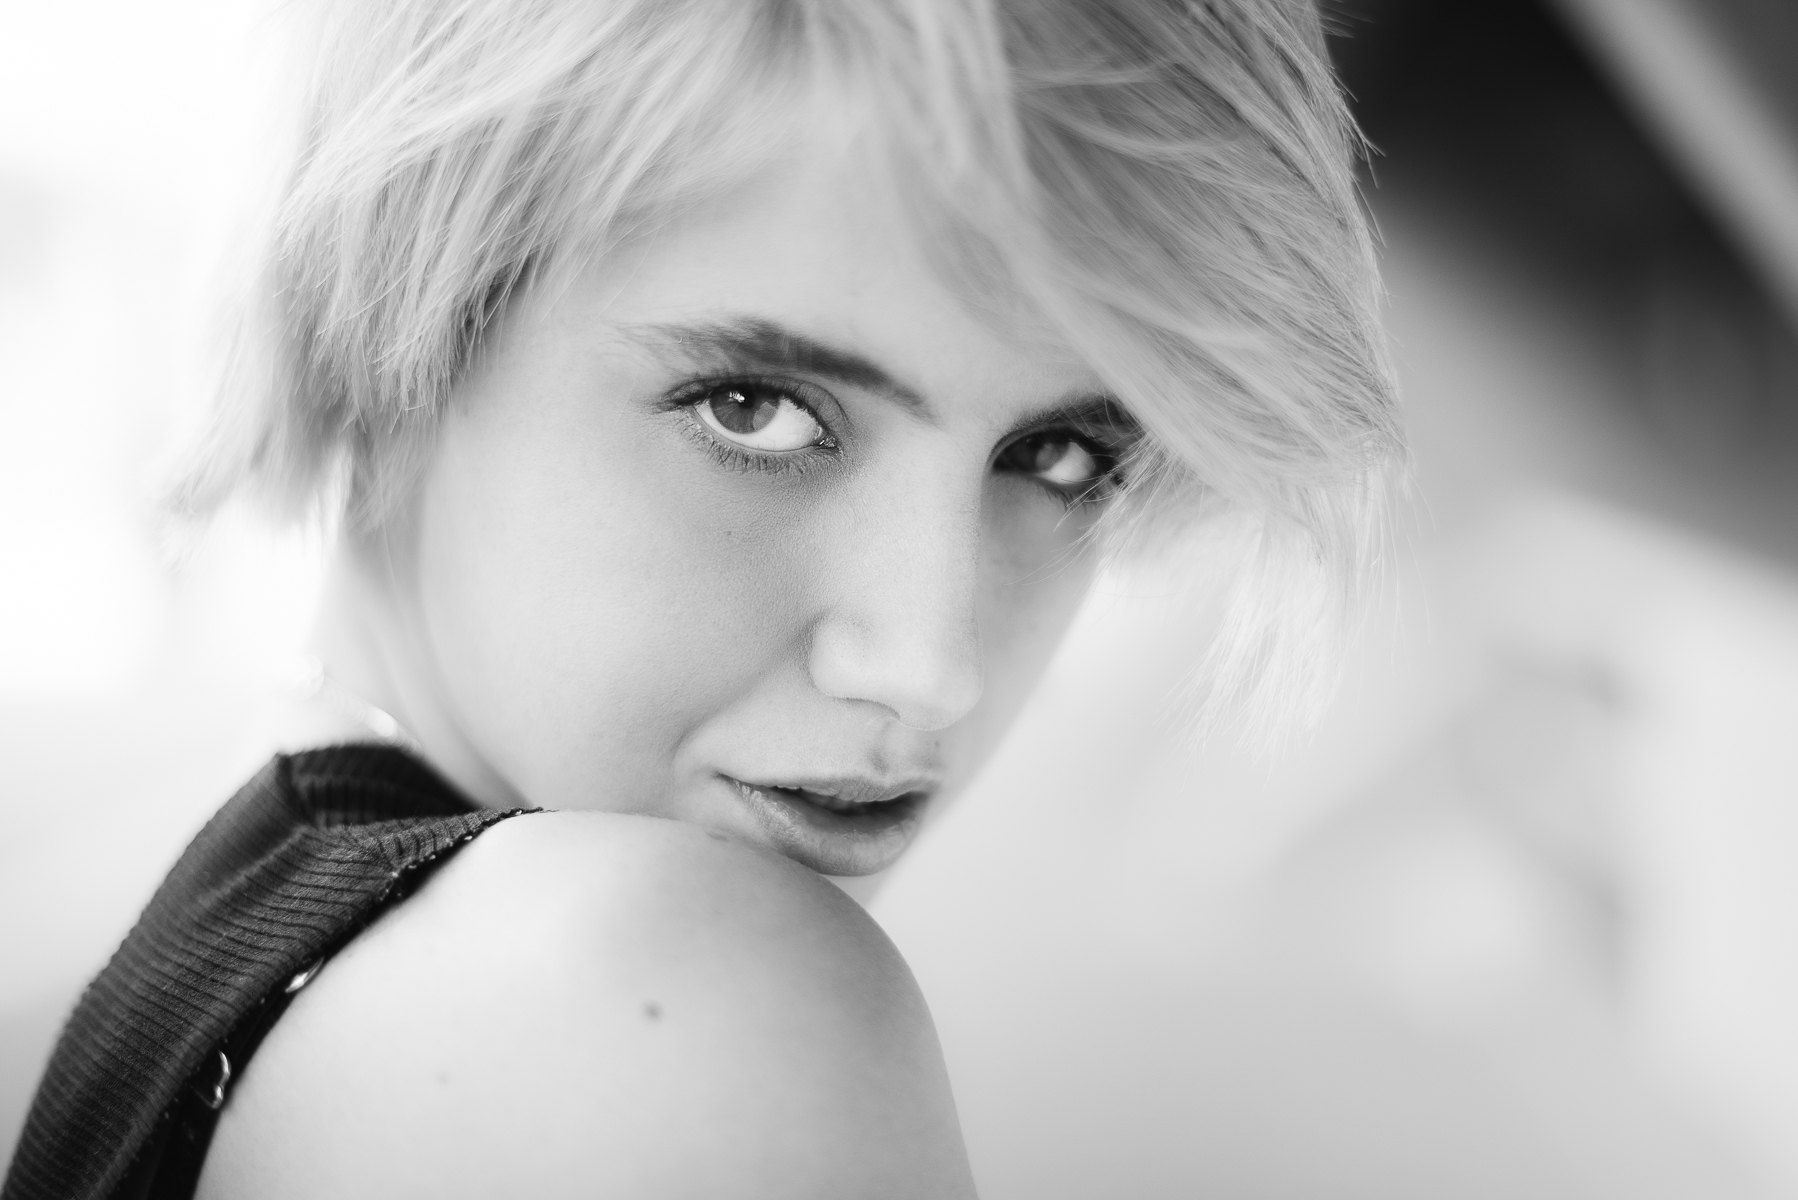 Gwen_RAW_Alex_Wallace_Photography_4311-Edit.jpg